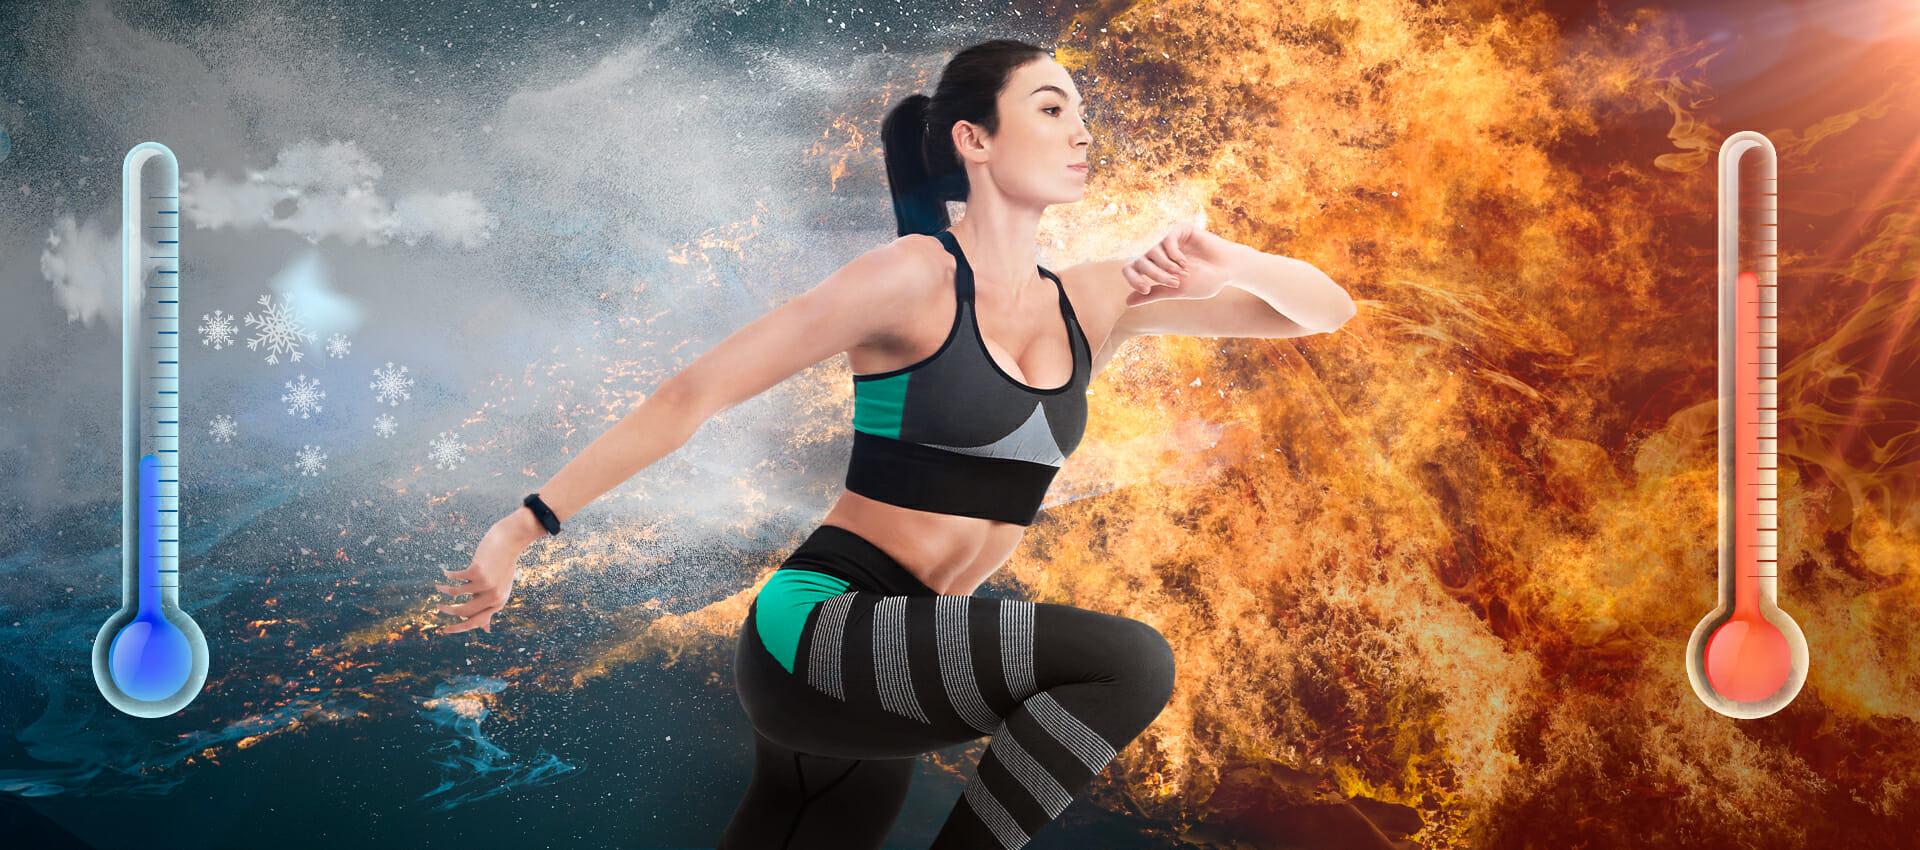 quema de calorías en frío o calor ejercicio